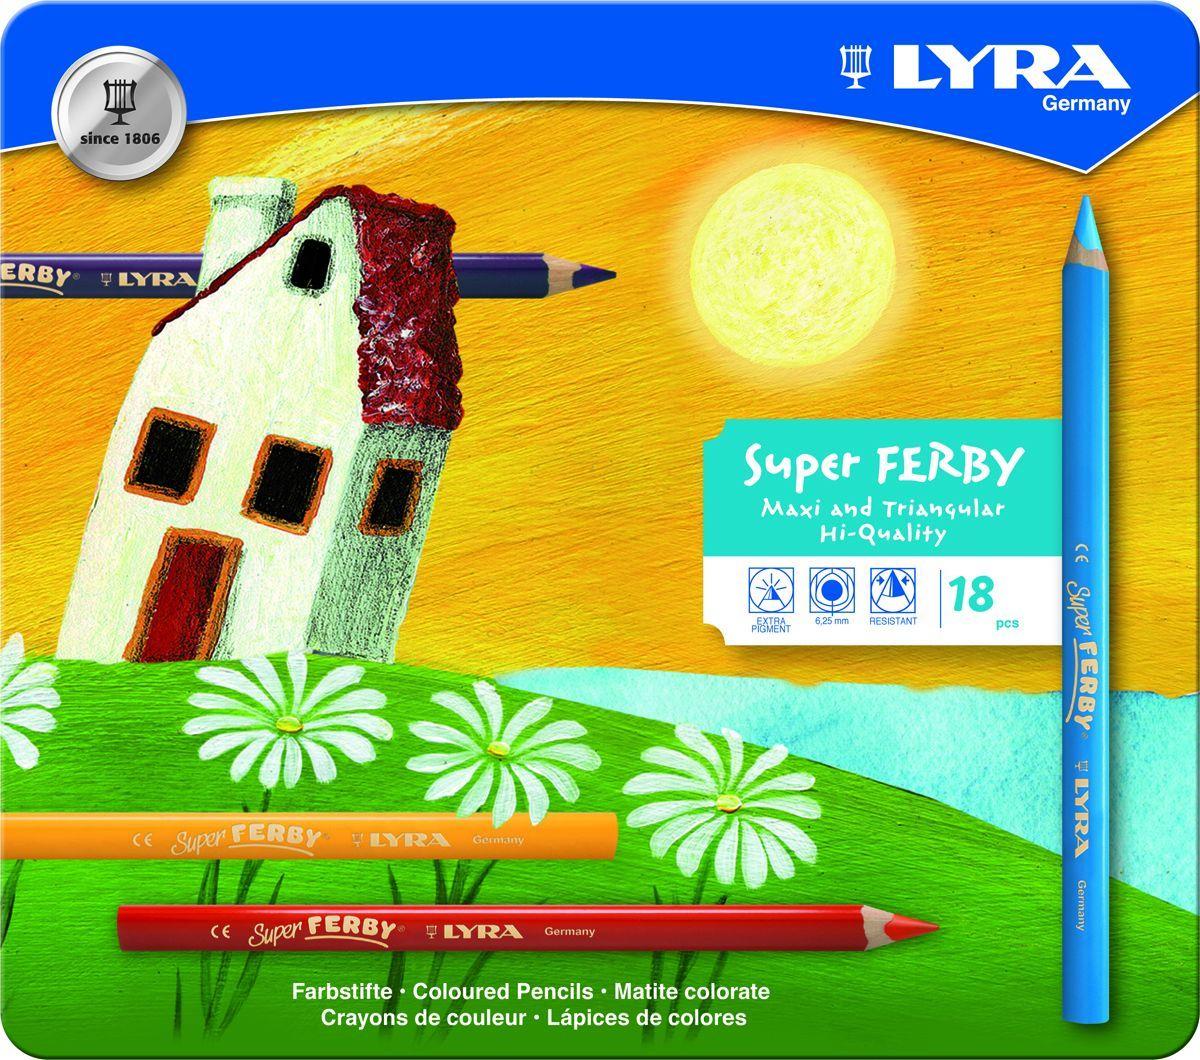 Lyra Набор цветных карандашей Super Ferby 18 штL3721180Набор Lyra Super Ferby включает 18 цветных карандашей. Карандаши имеют эргономичную округло-треугольную форму. Набор включает в себя 12 ярких цветных карандашей. Карандаши изготовлены из натурального сертифицированного дерева, экологически чистые. Имеют ударопрочный неломающийся высокопигментный грифель, не требующий сильного нажатия. Диаметр грифеля 6,25 мм, длина карандаша 175 мм.